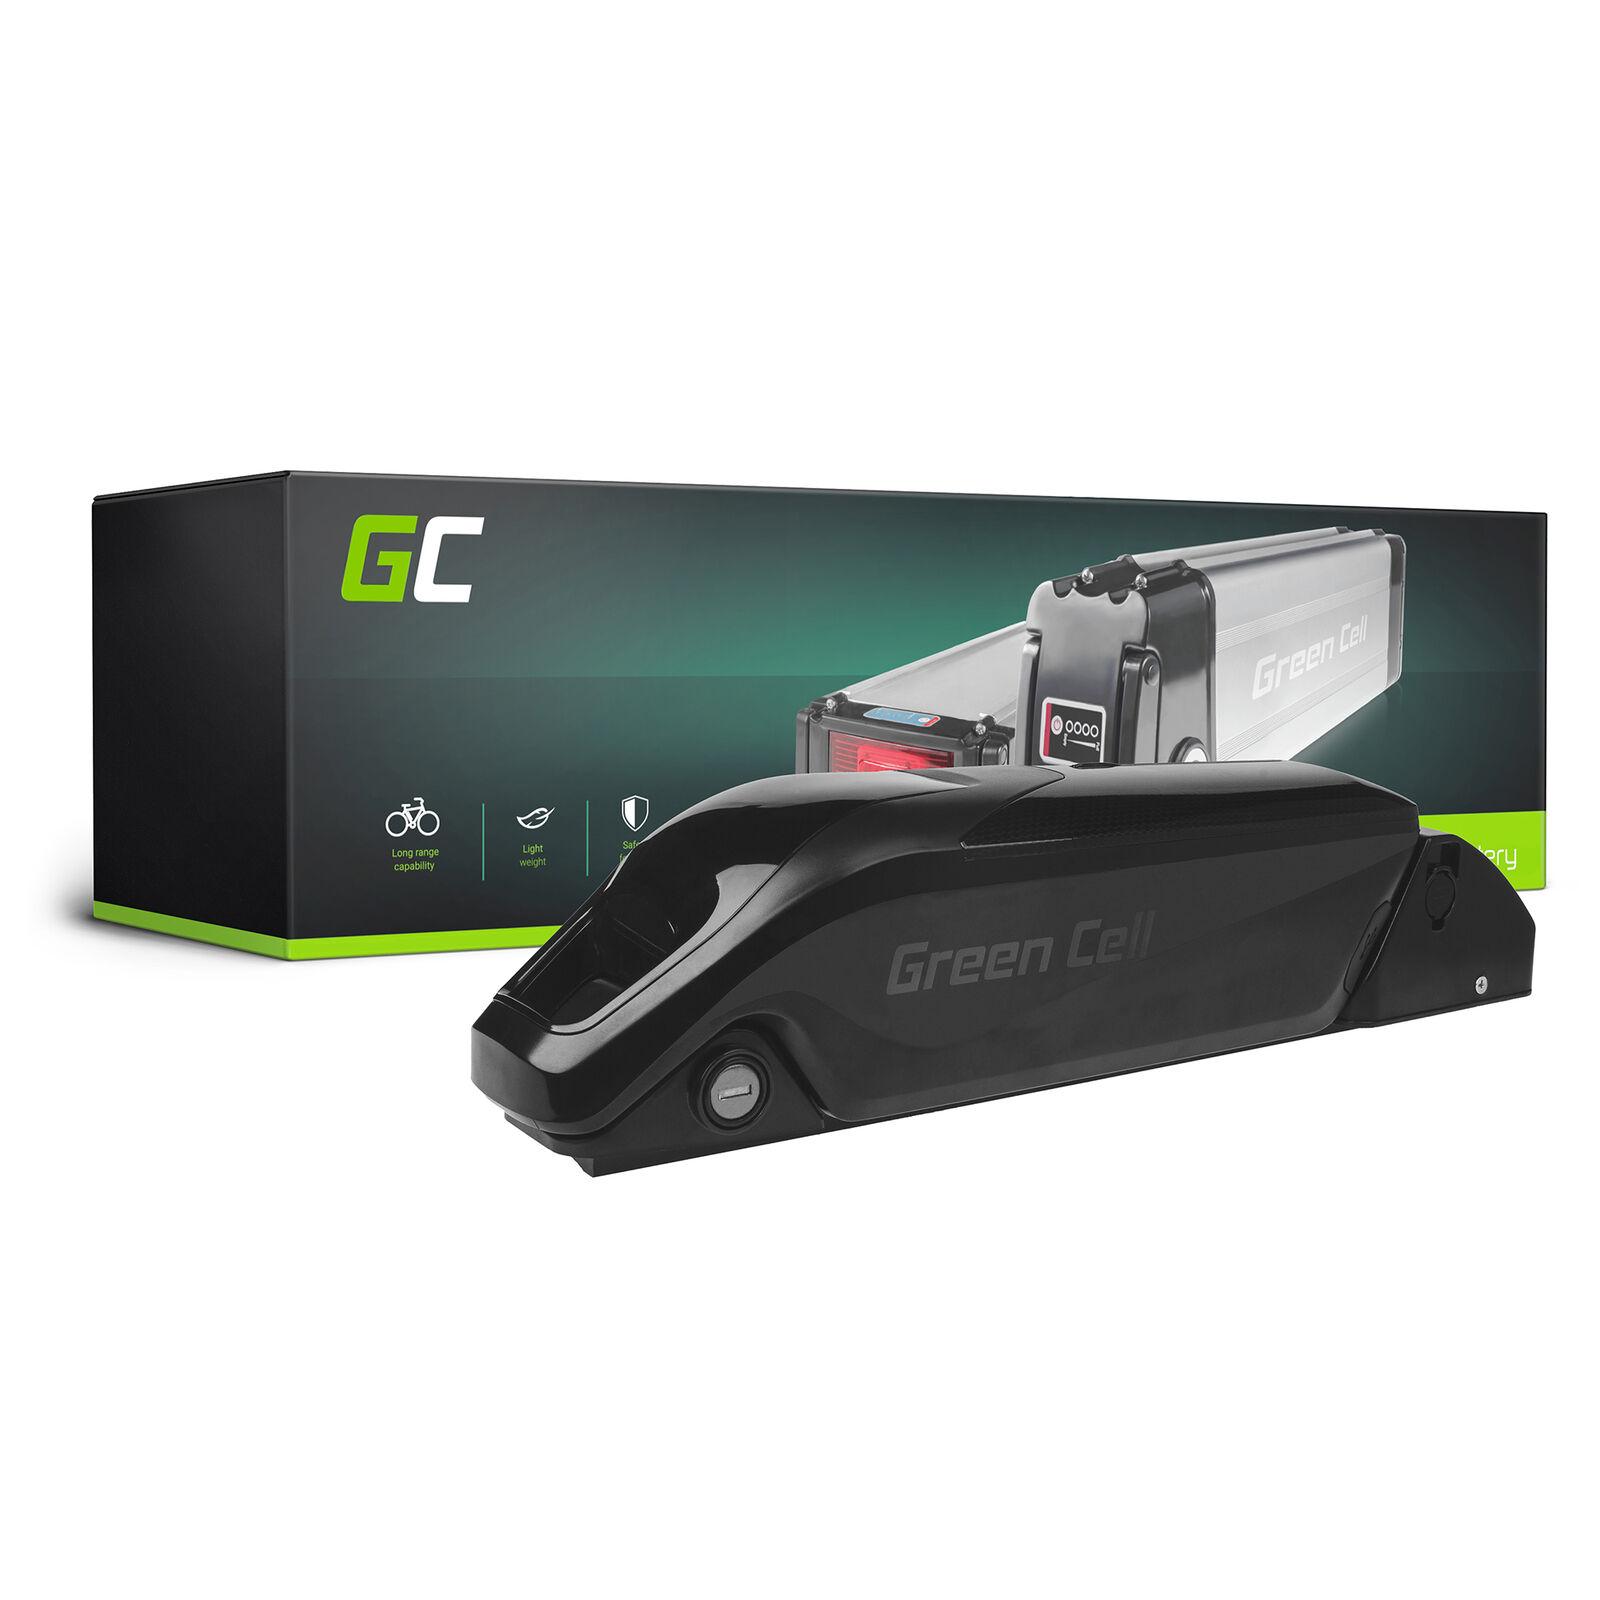 GC ®  BATTERIA MOTO E 36V 418Wh 11.6Ah giù tubo con il autoicabatterie e cellule ORIGINALE